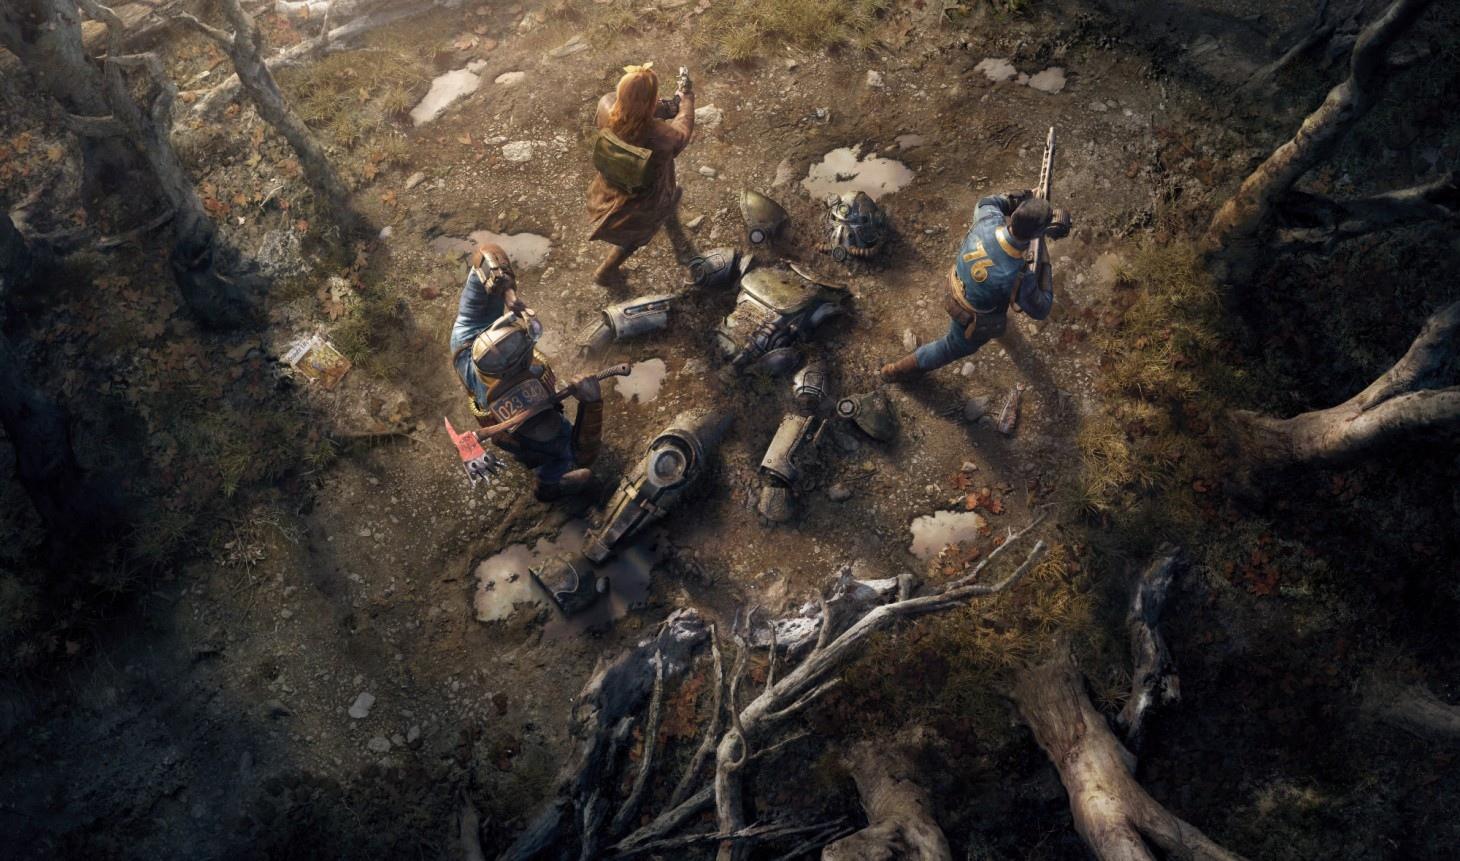 Сюжет Fallout 76 полагается на продолжительный квест